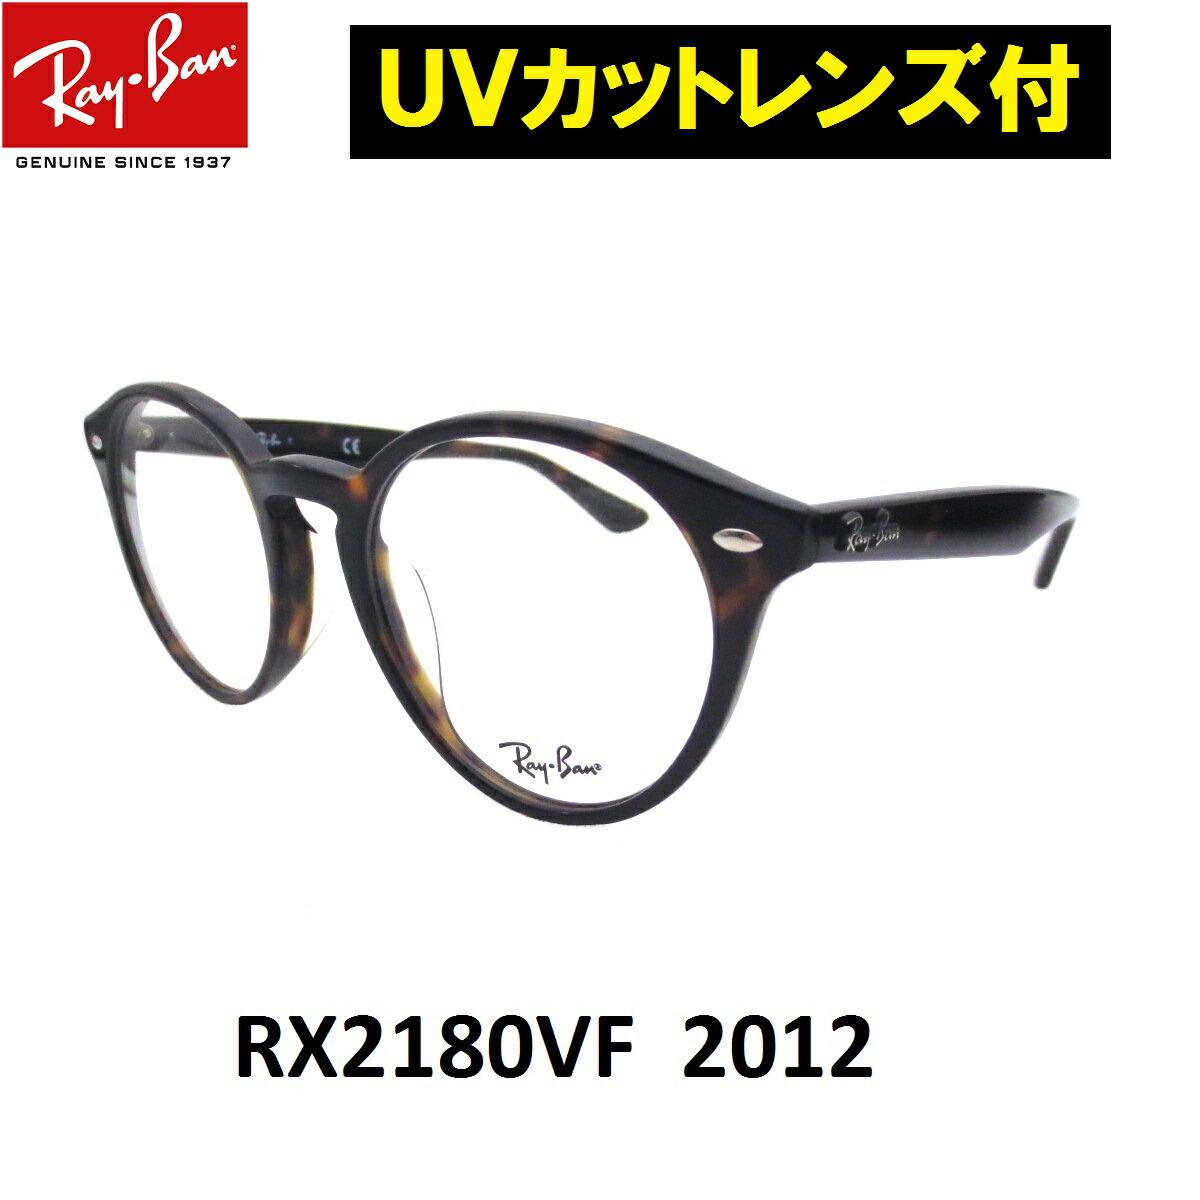 Ray-Ban(レイバン)RX2180VFと中屈折薄型標準レンズ付きセット!アイマックス価格